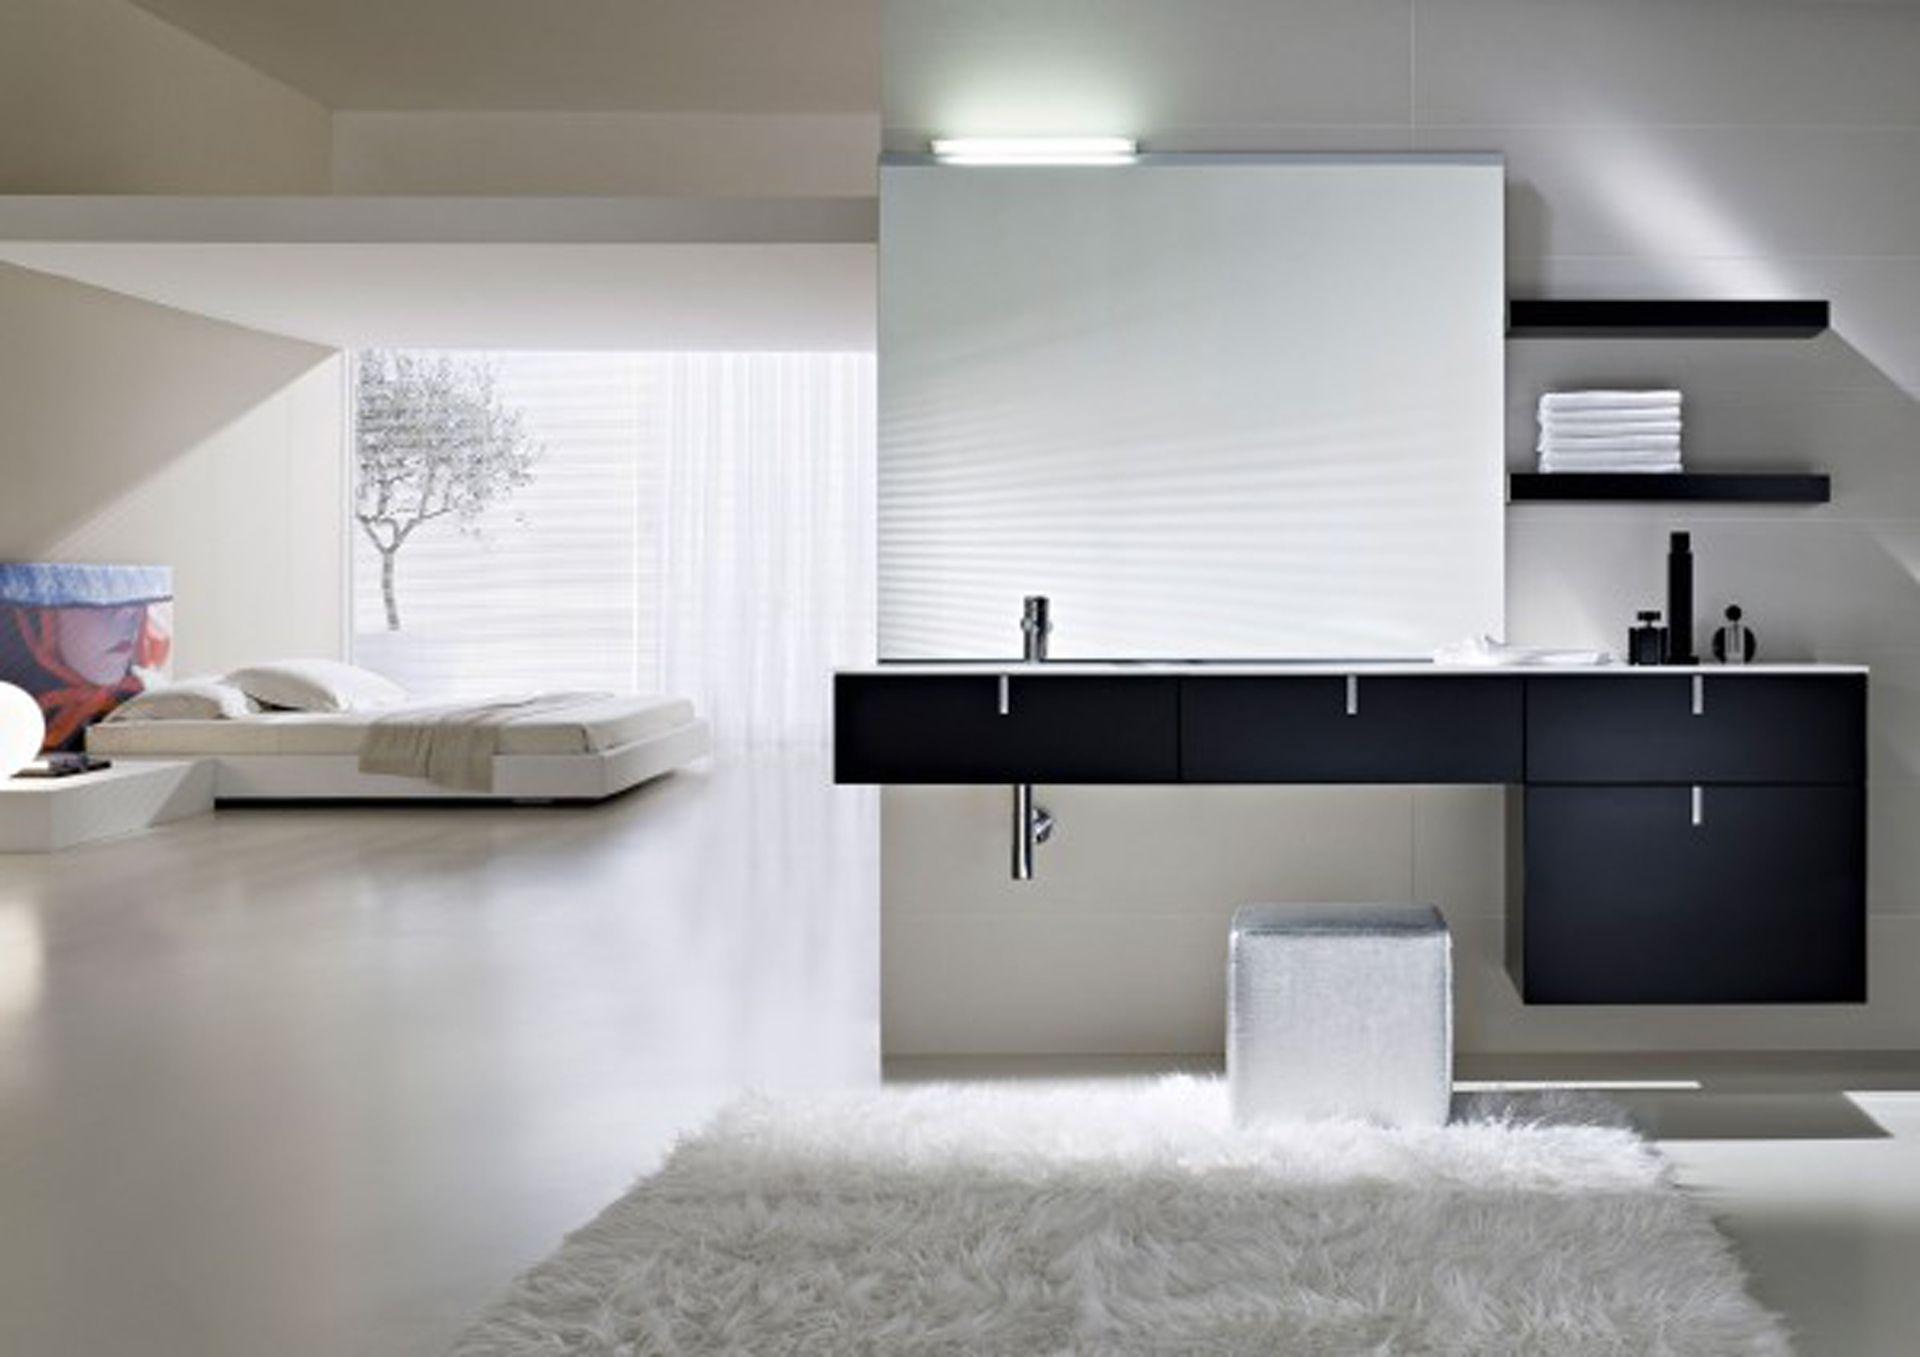 Una Camera Da Letto Da Sogno : Bagni in camera da letto una camera da sogno with bagni in camera